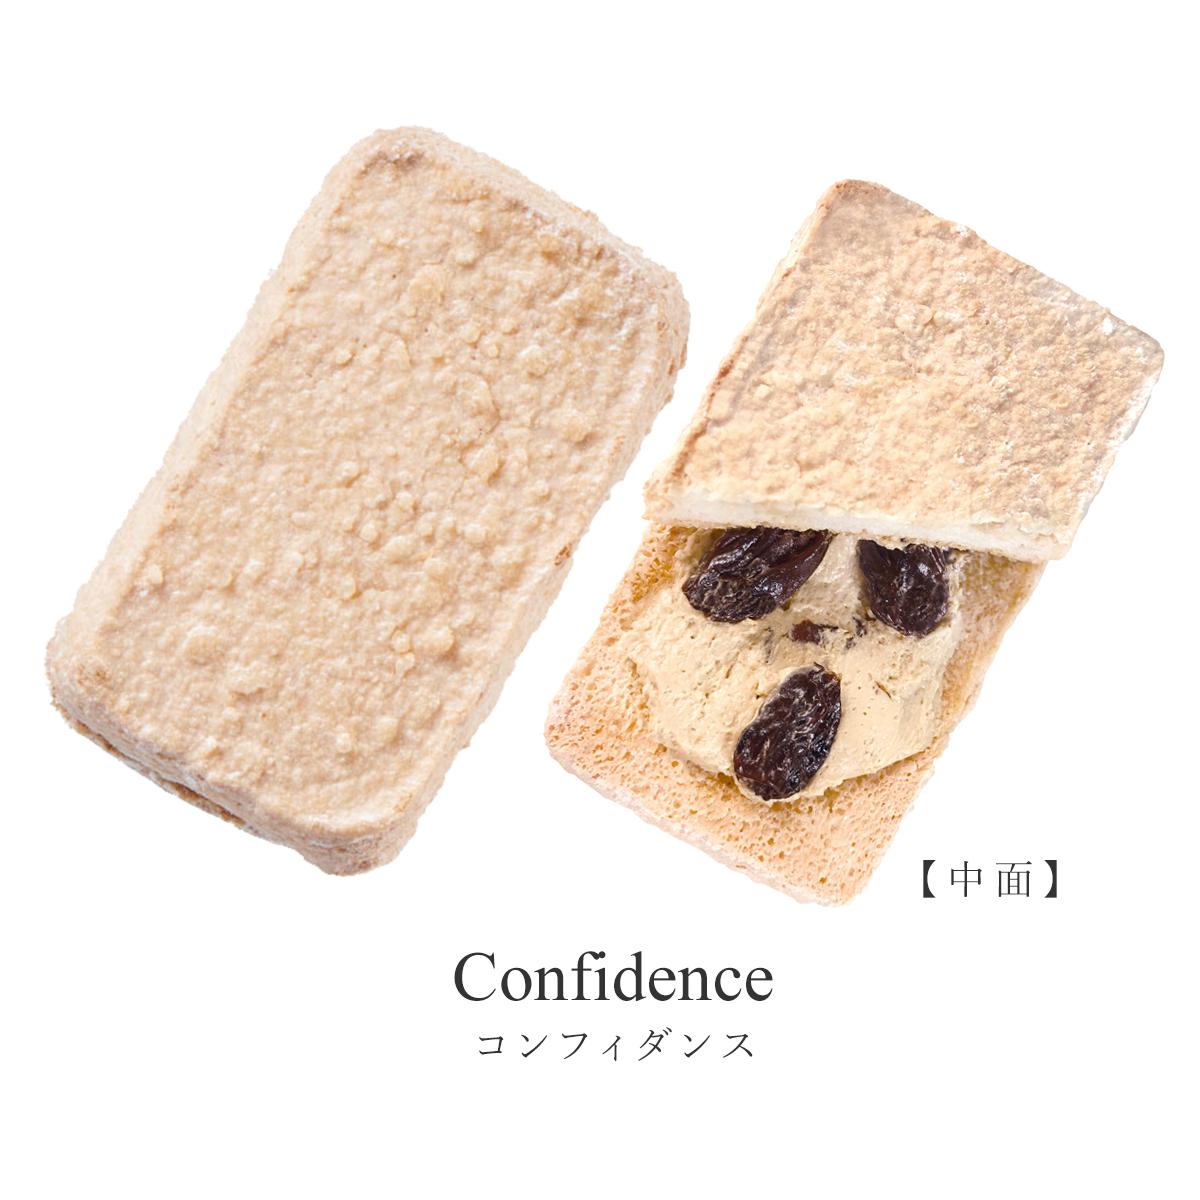 ダロワイヨ コンフィダンス(8個入)